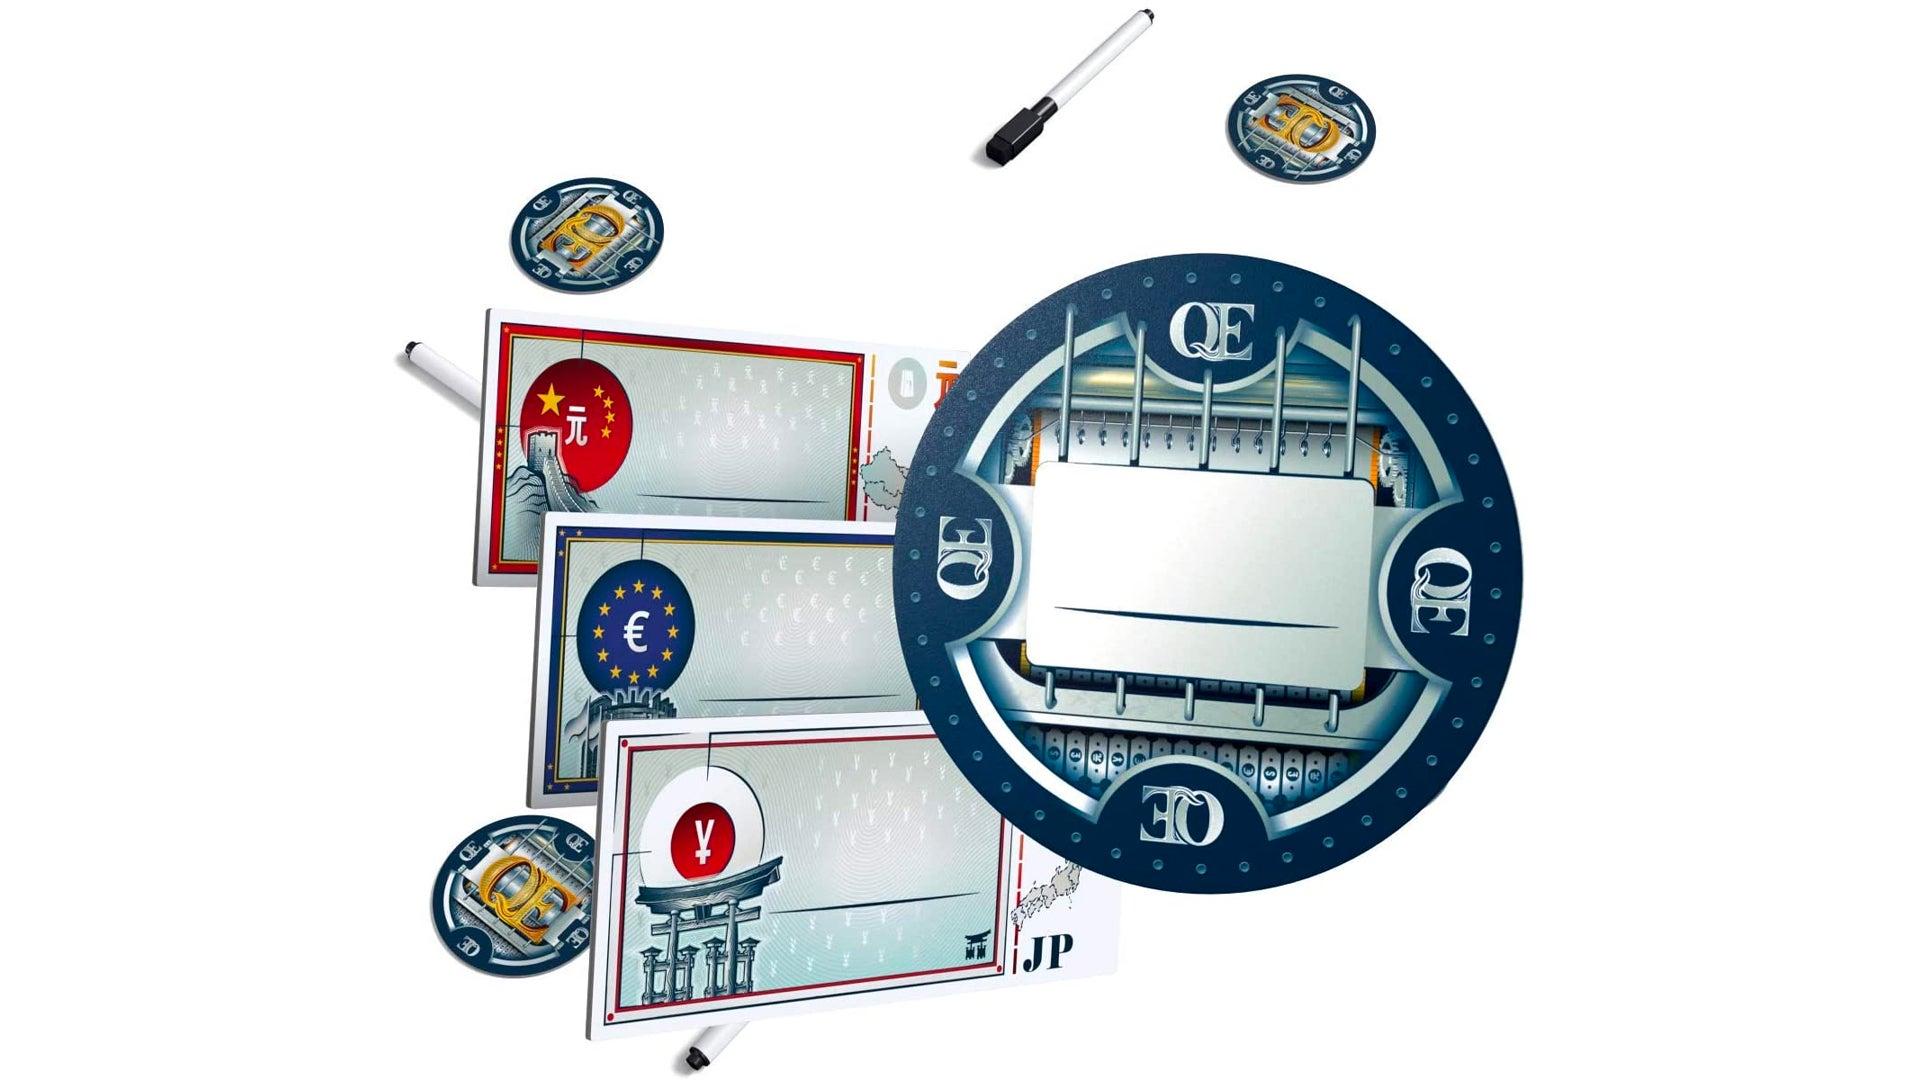 qe-board-game-discs.jpg